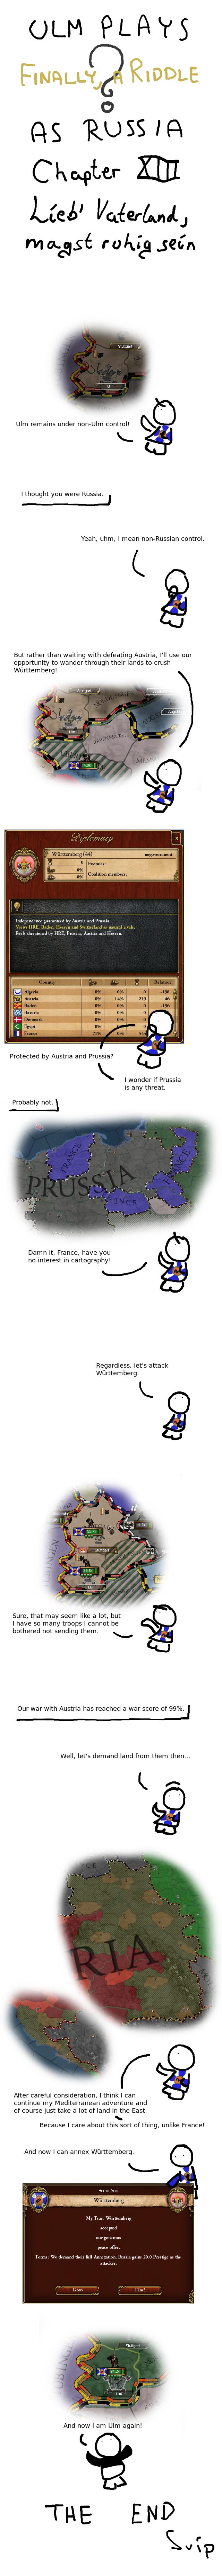 part13.png